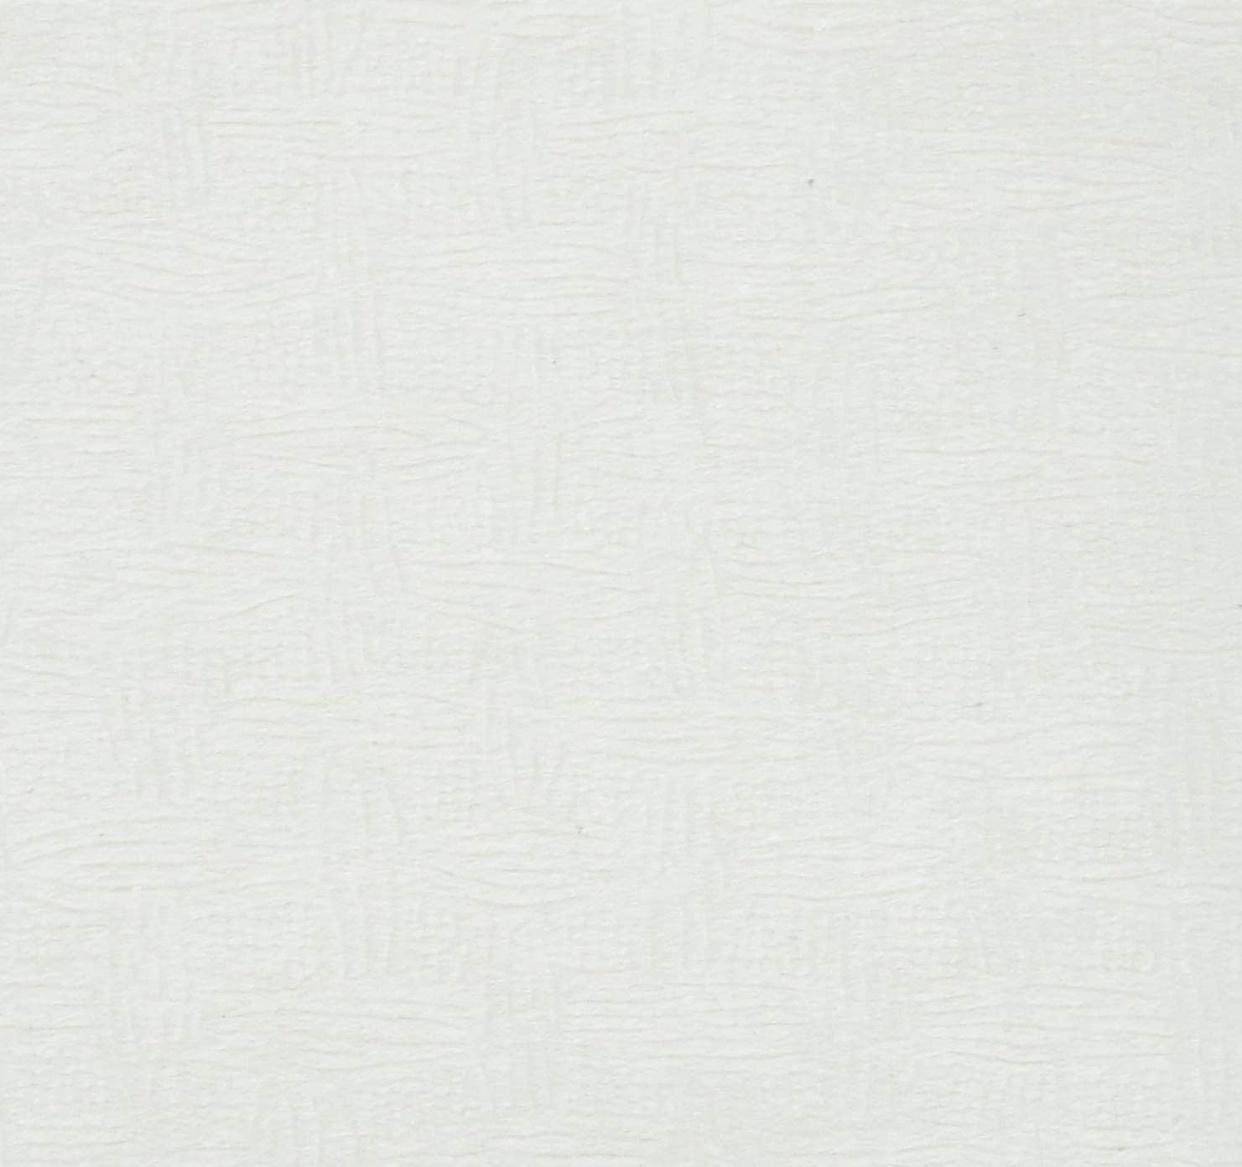 ふしみ和紙アート研究所 ワンコ歯石トルンの商品画像2